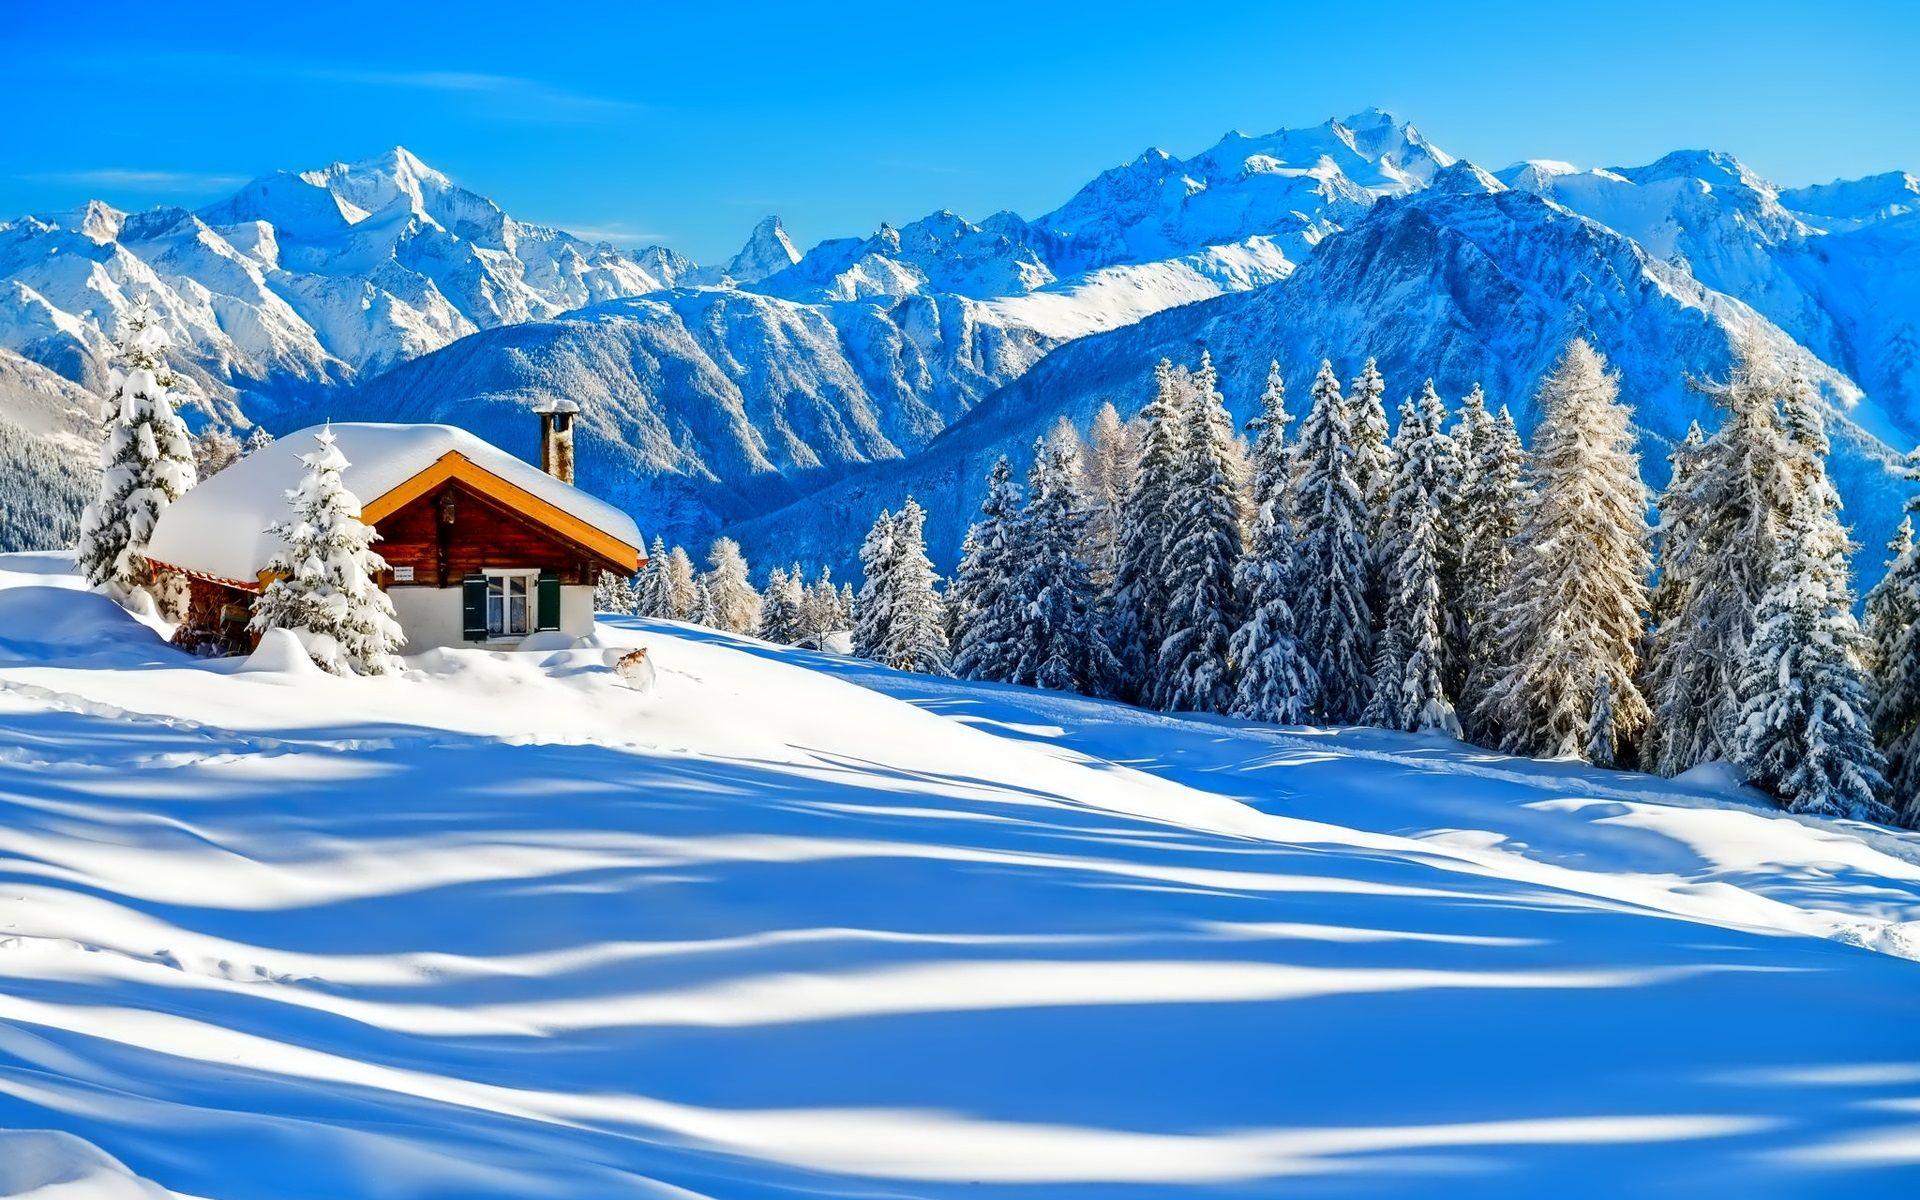 Hiver Neige Maison Arbres Nature Foret Montagnes Ciel Blanc Fonds D Ecran 1920x1200 Fond Ecran Montagne Paysage Magnifique Montagne Paysage